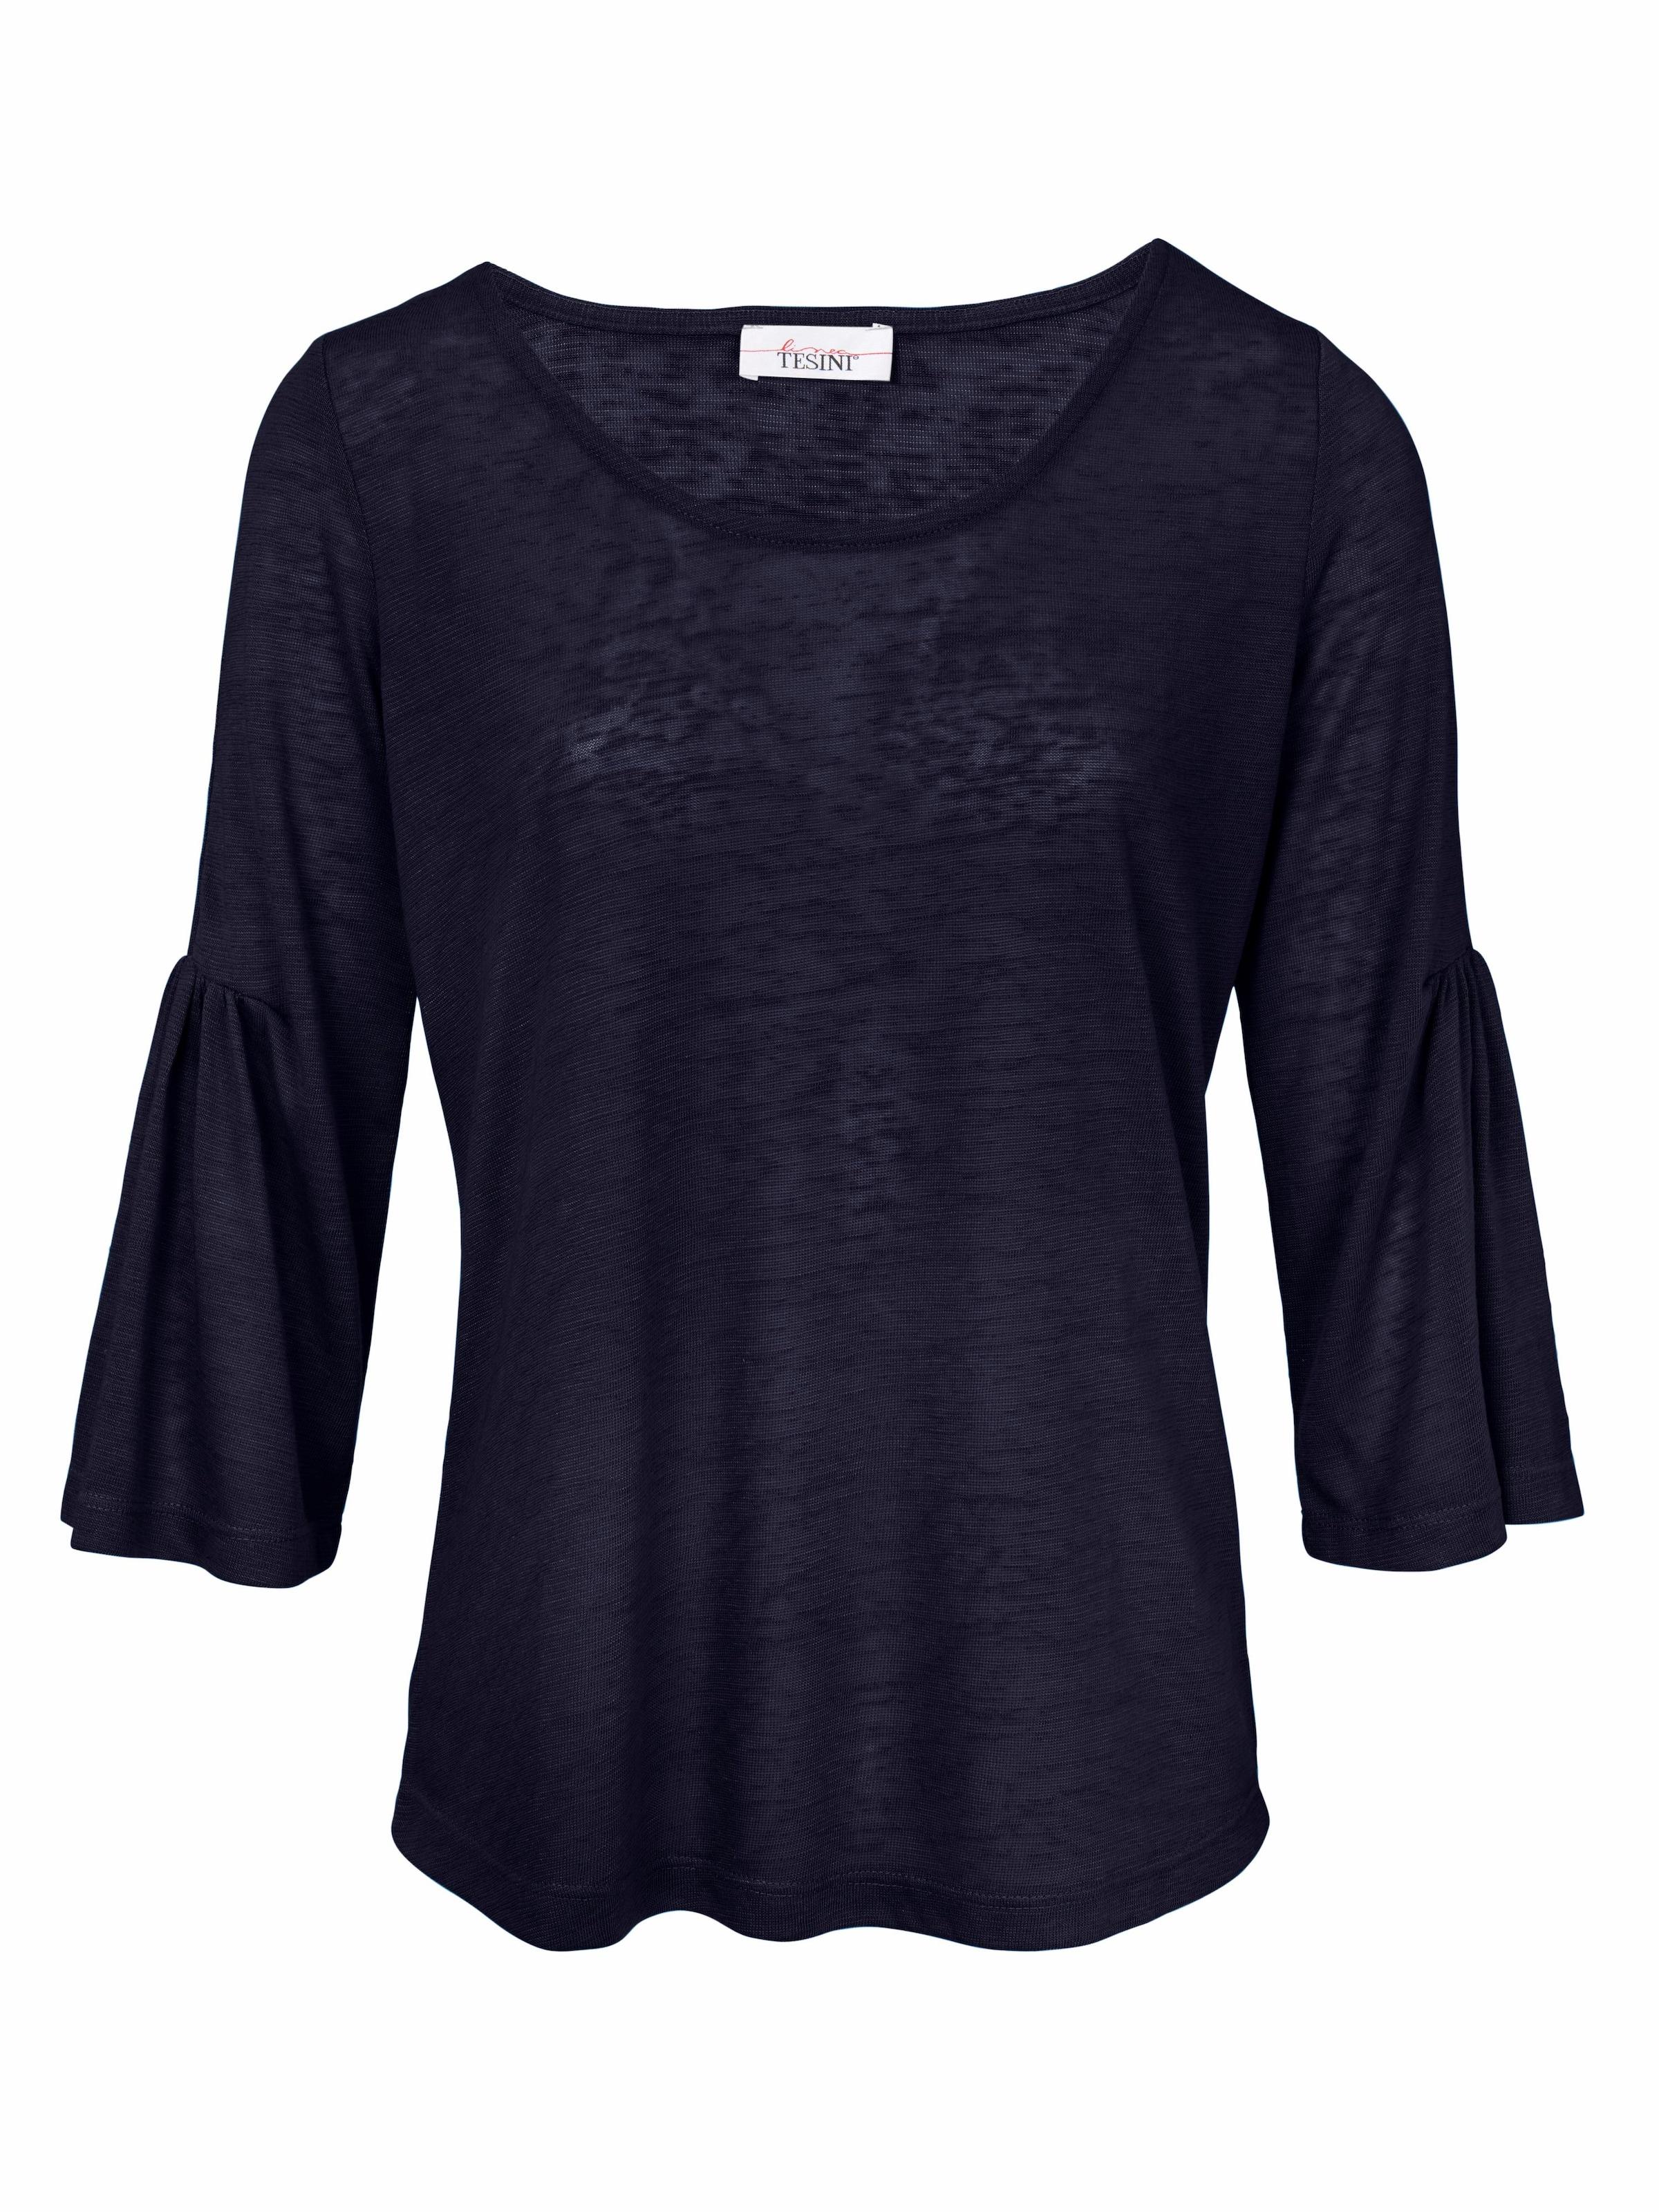 Linea Tesini by heine Shirt mit Volant Billig Günstiger Preis Viele Arten Großhandelspreis Online Billig Kaufen Authentisch Verkauf Billig hCscbECR